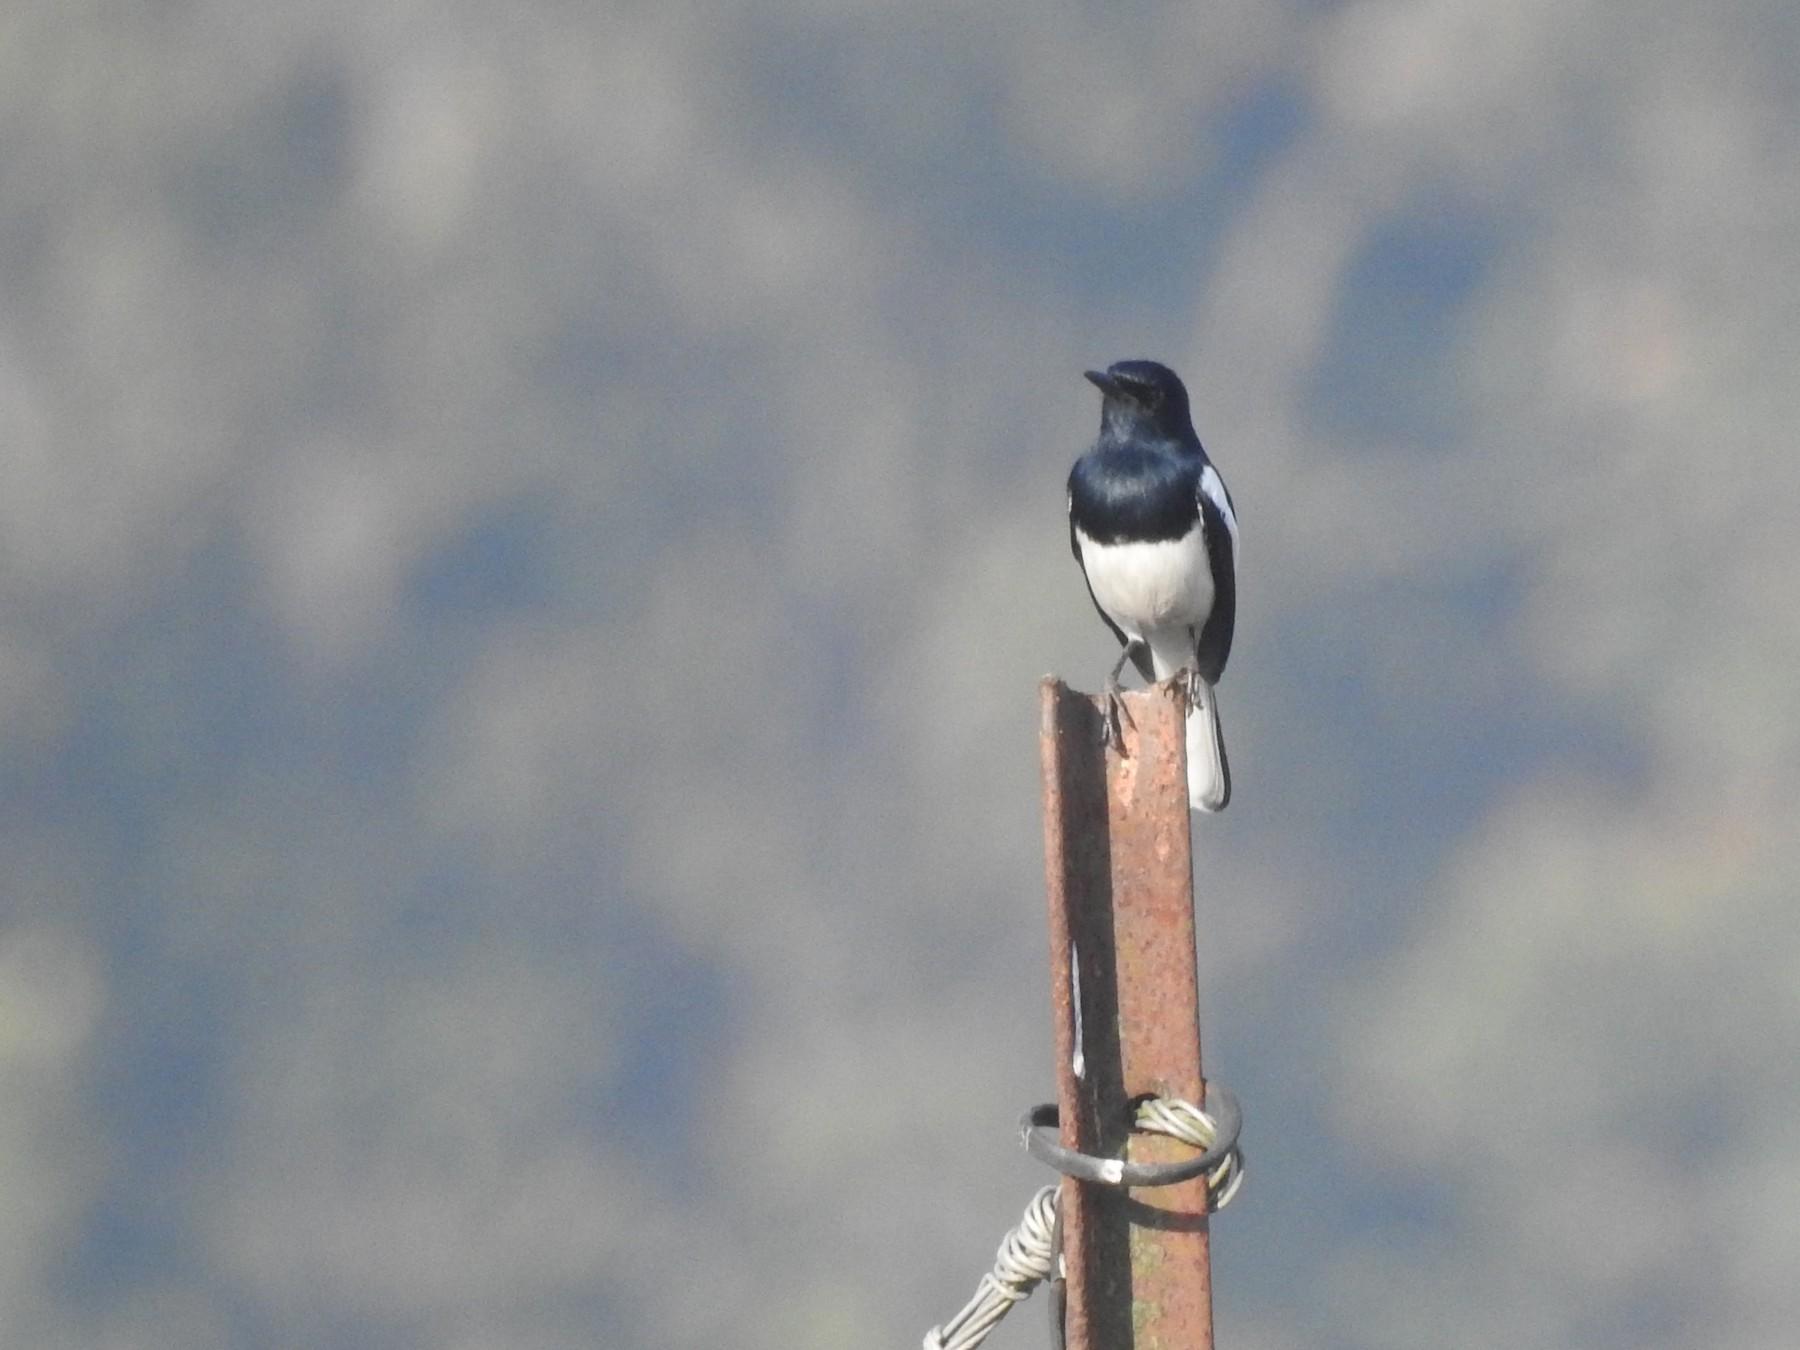 Oriental Magpie-Robin - Sitendu Goswami